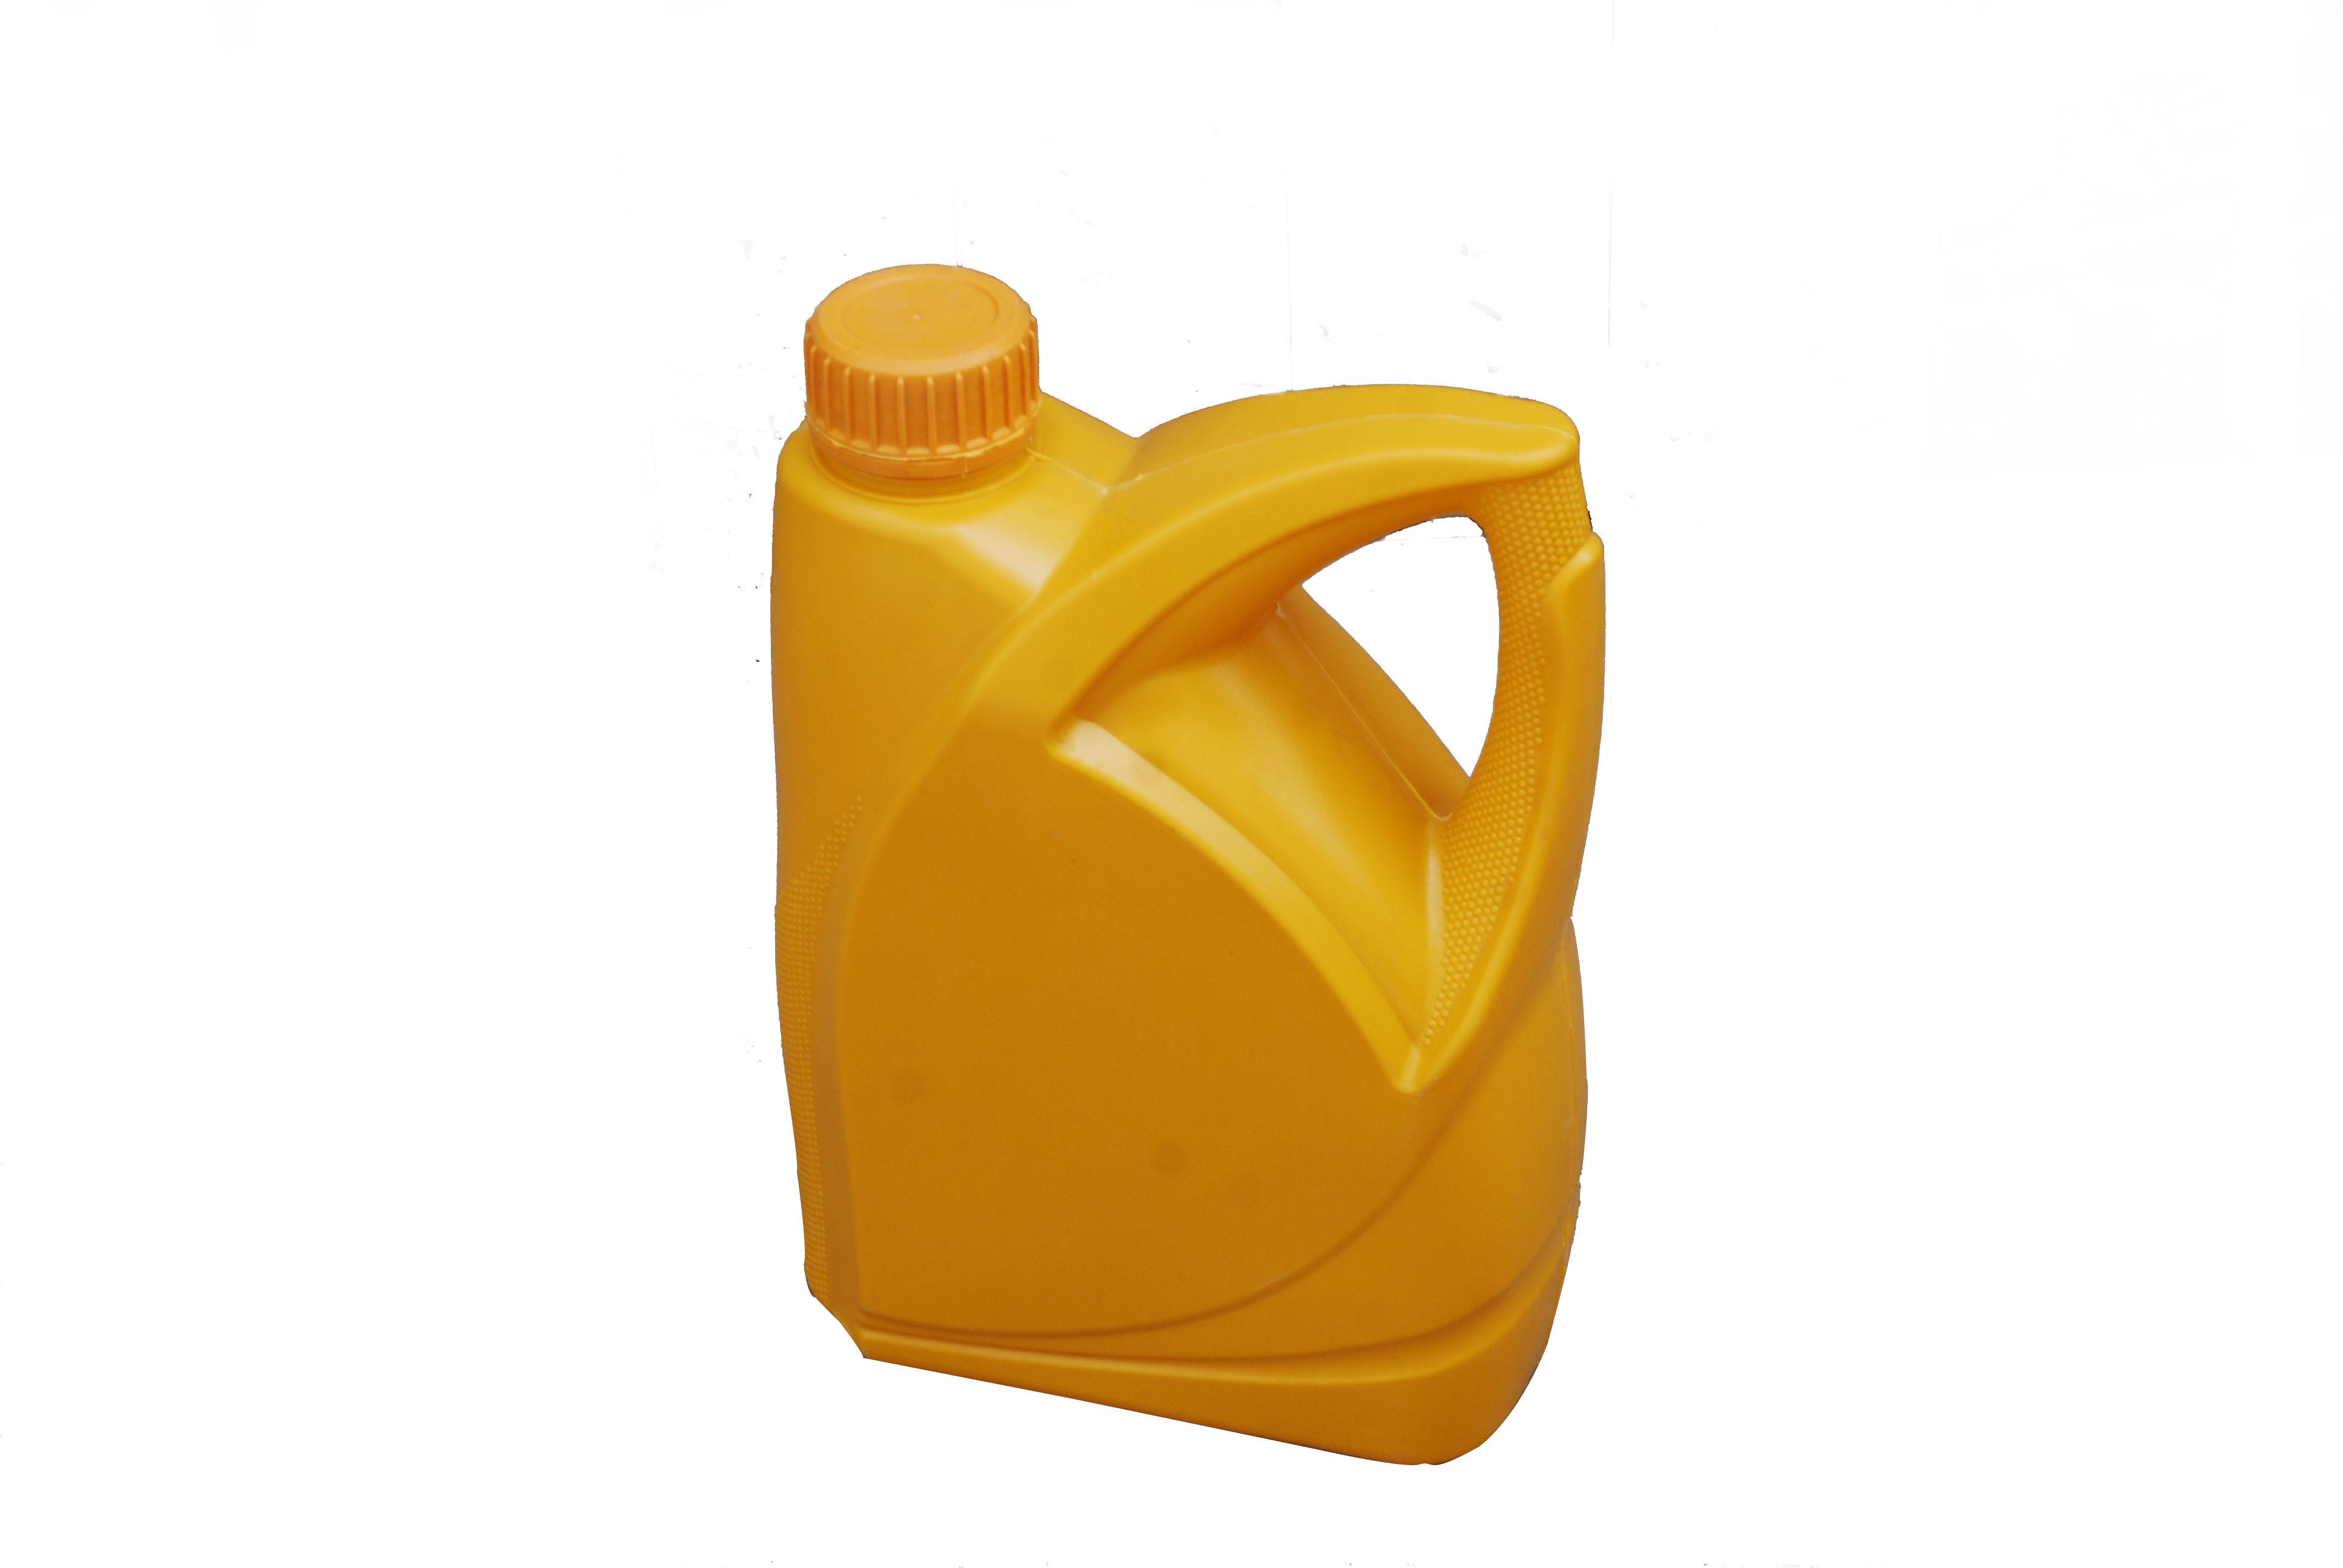 机油桶-258.com企业服务平台